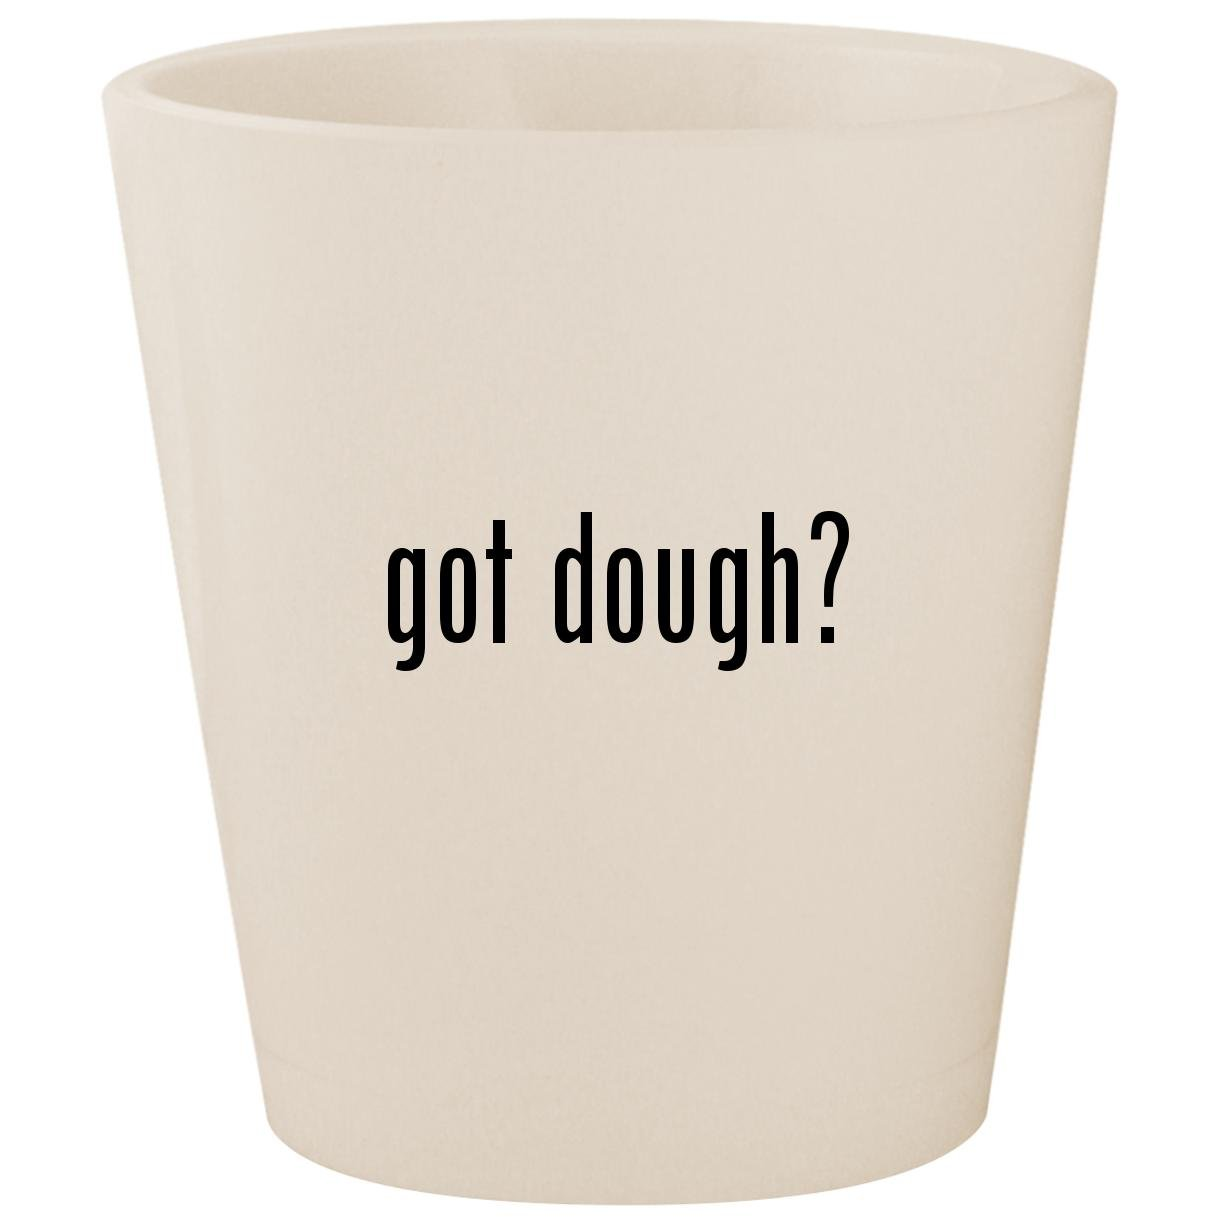 got dough? - White Ceramic 1.5oz Shot Glass